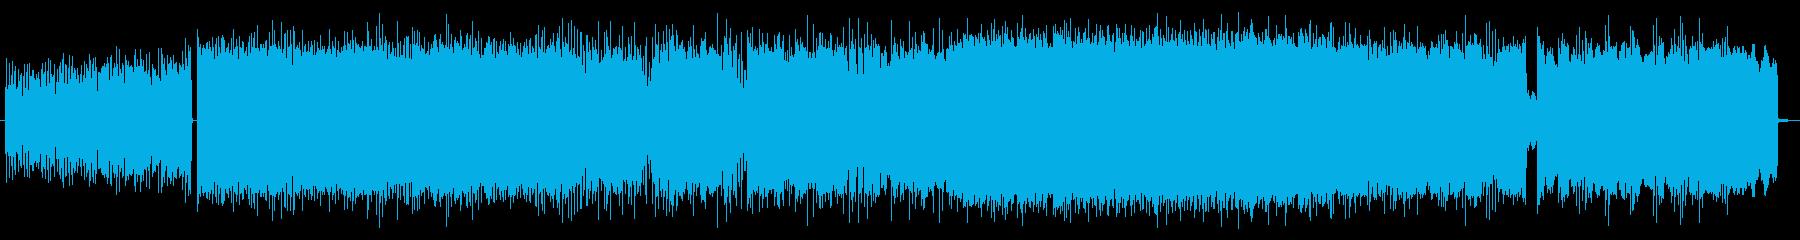 かっこいいインストポストハードコアの再生済みの波形